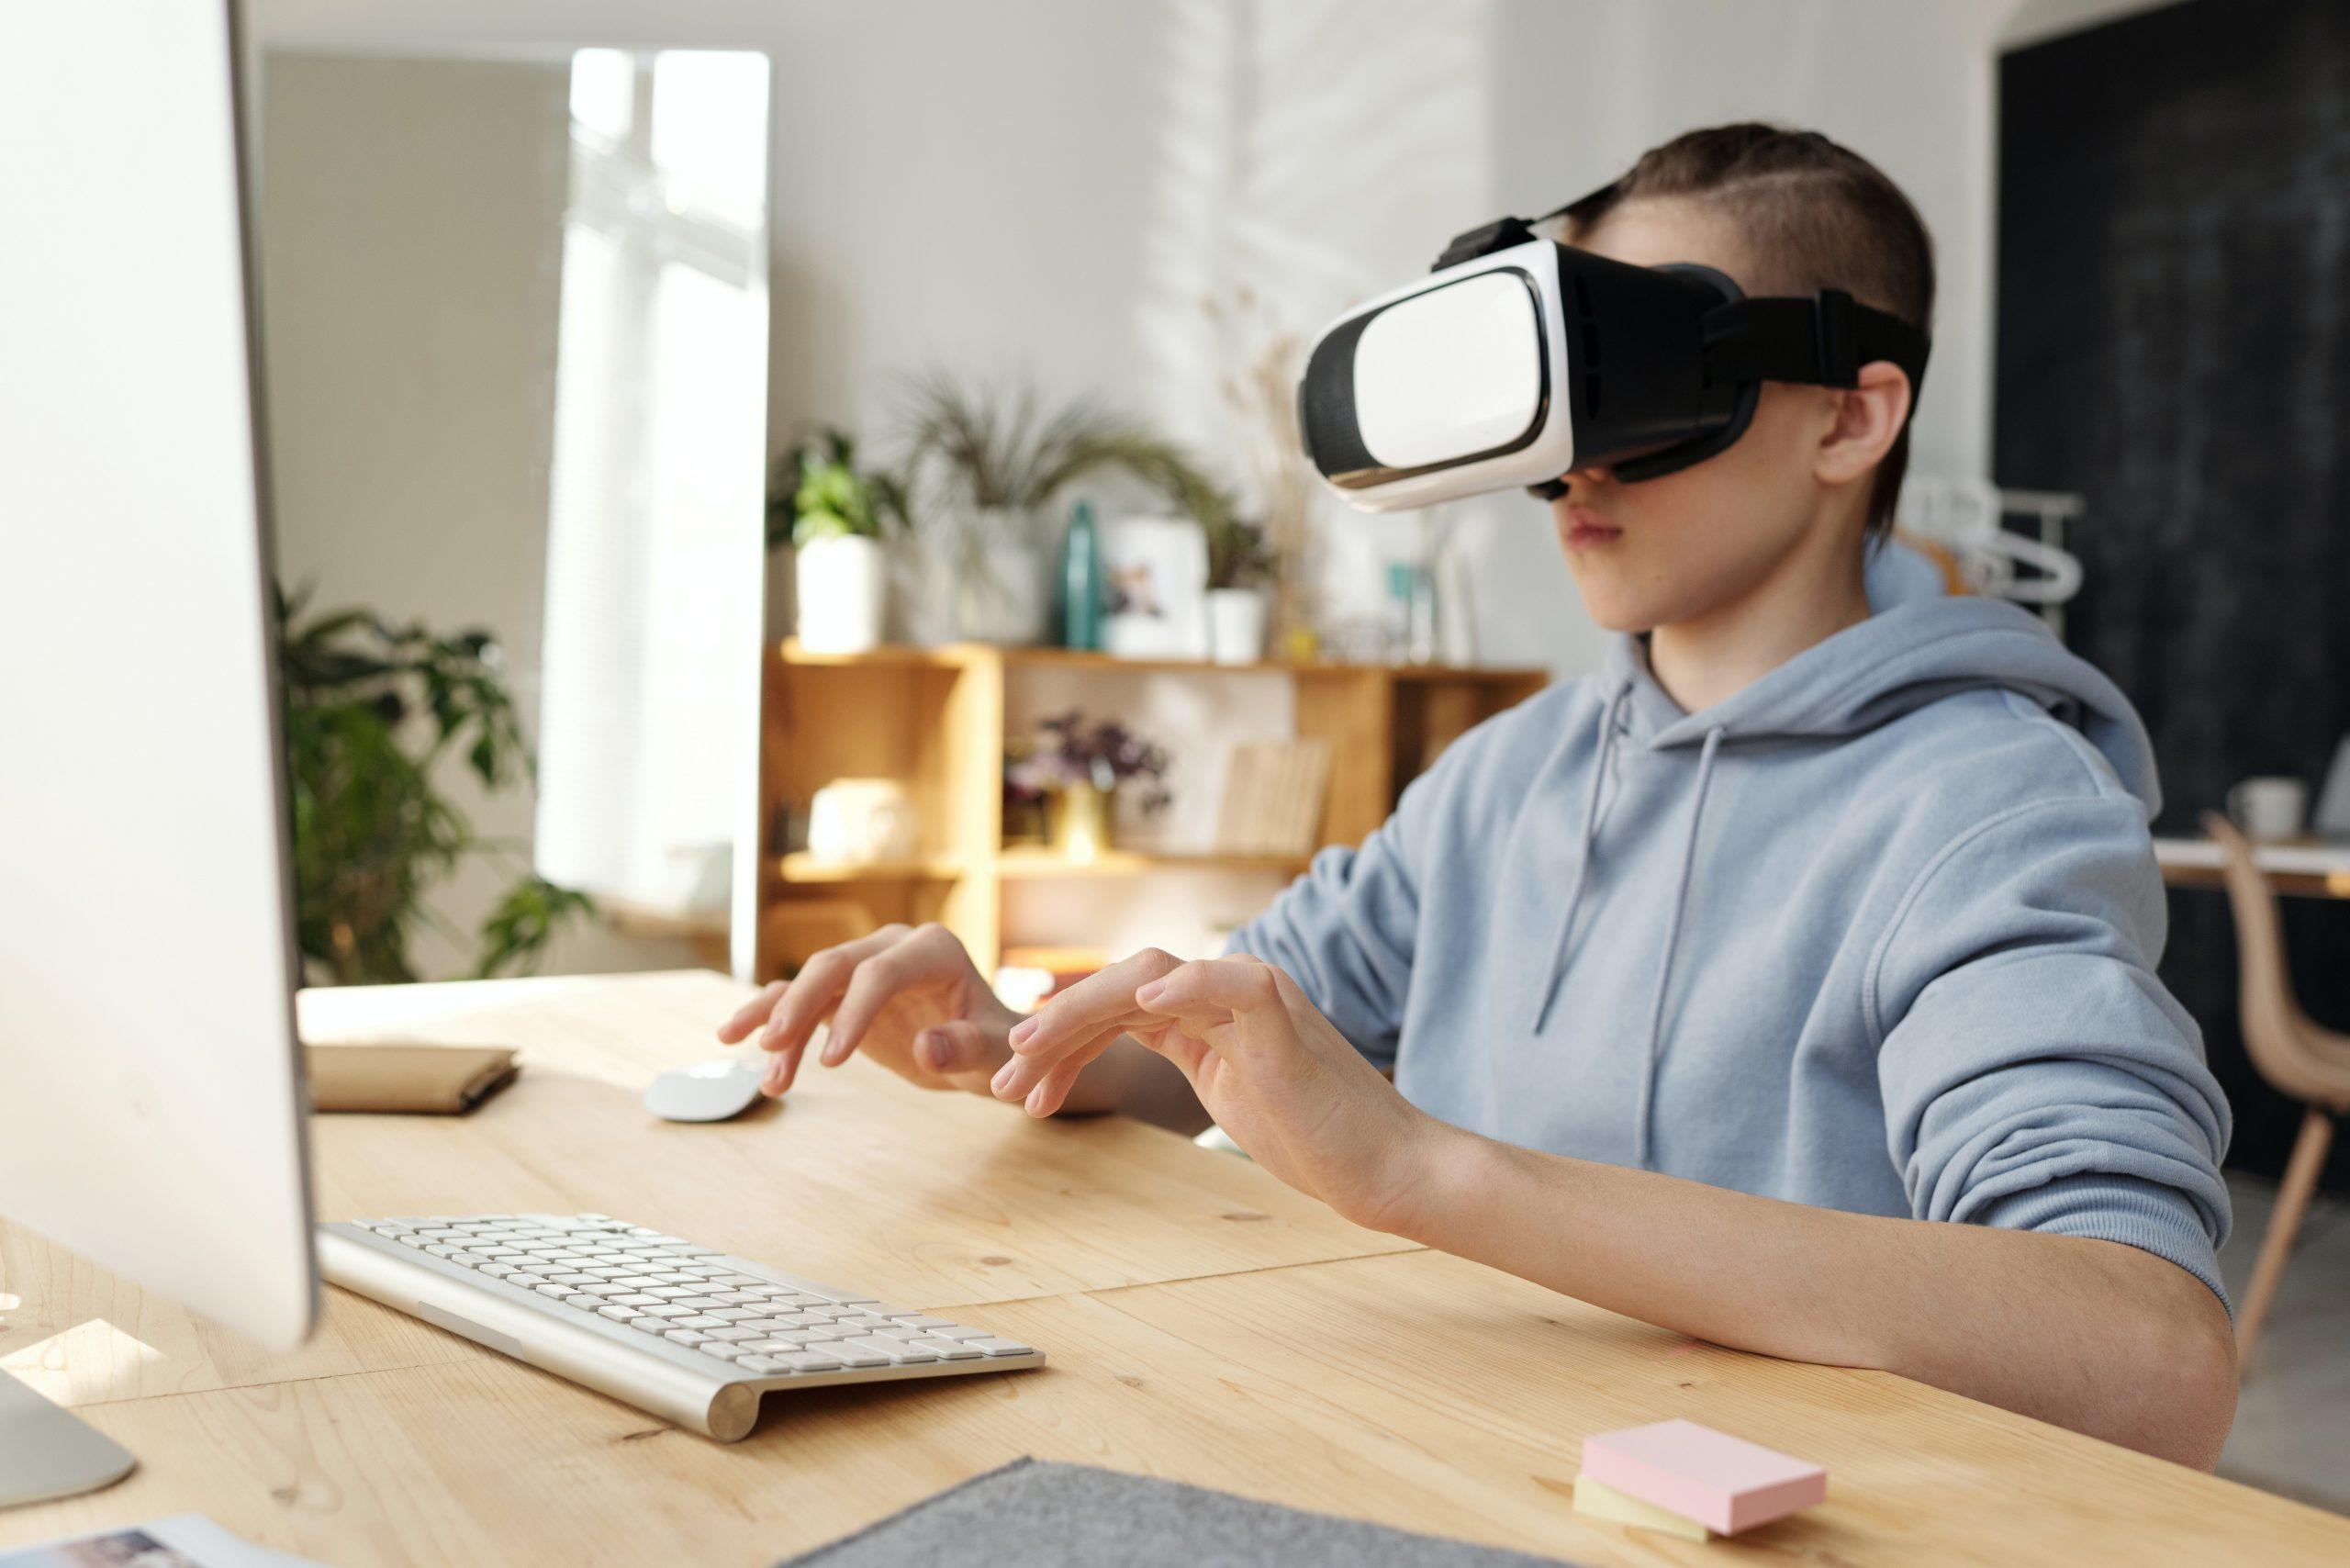 Imagem mostra uma criança com um óculos VR em frente a um computador.